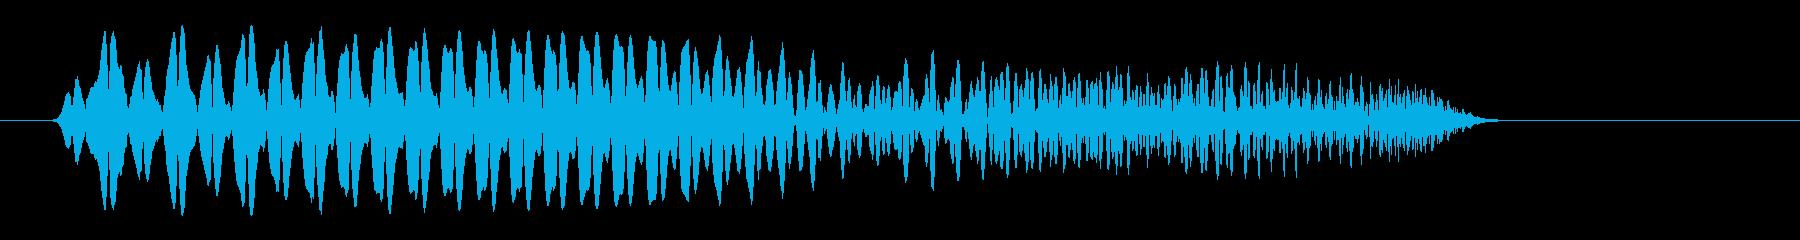 ポヨン(スライムがはねたような音)の再生済みの波形